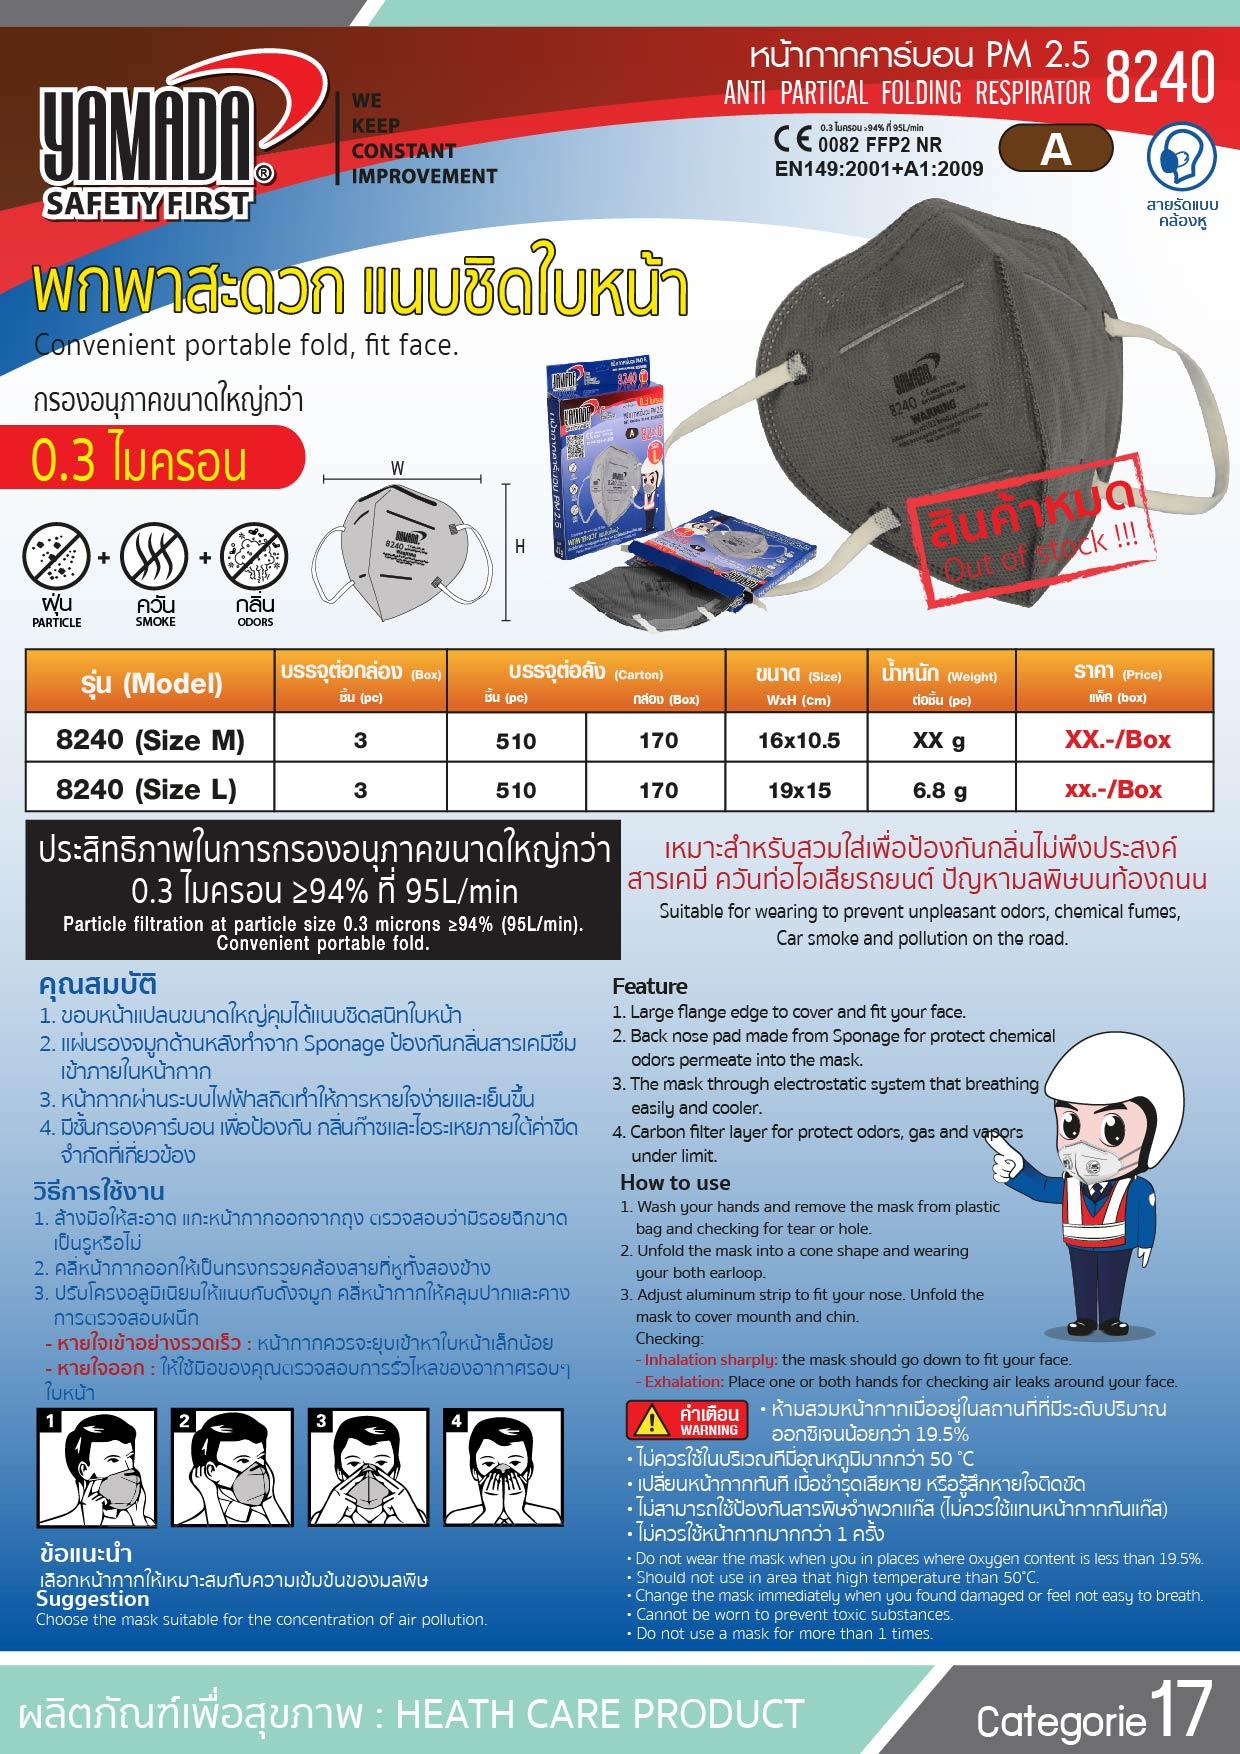 (11/13) หน้ากากคาร์บอน รุ่น 8240